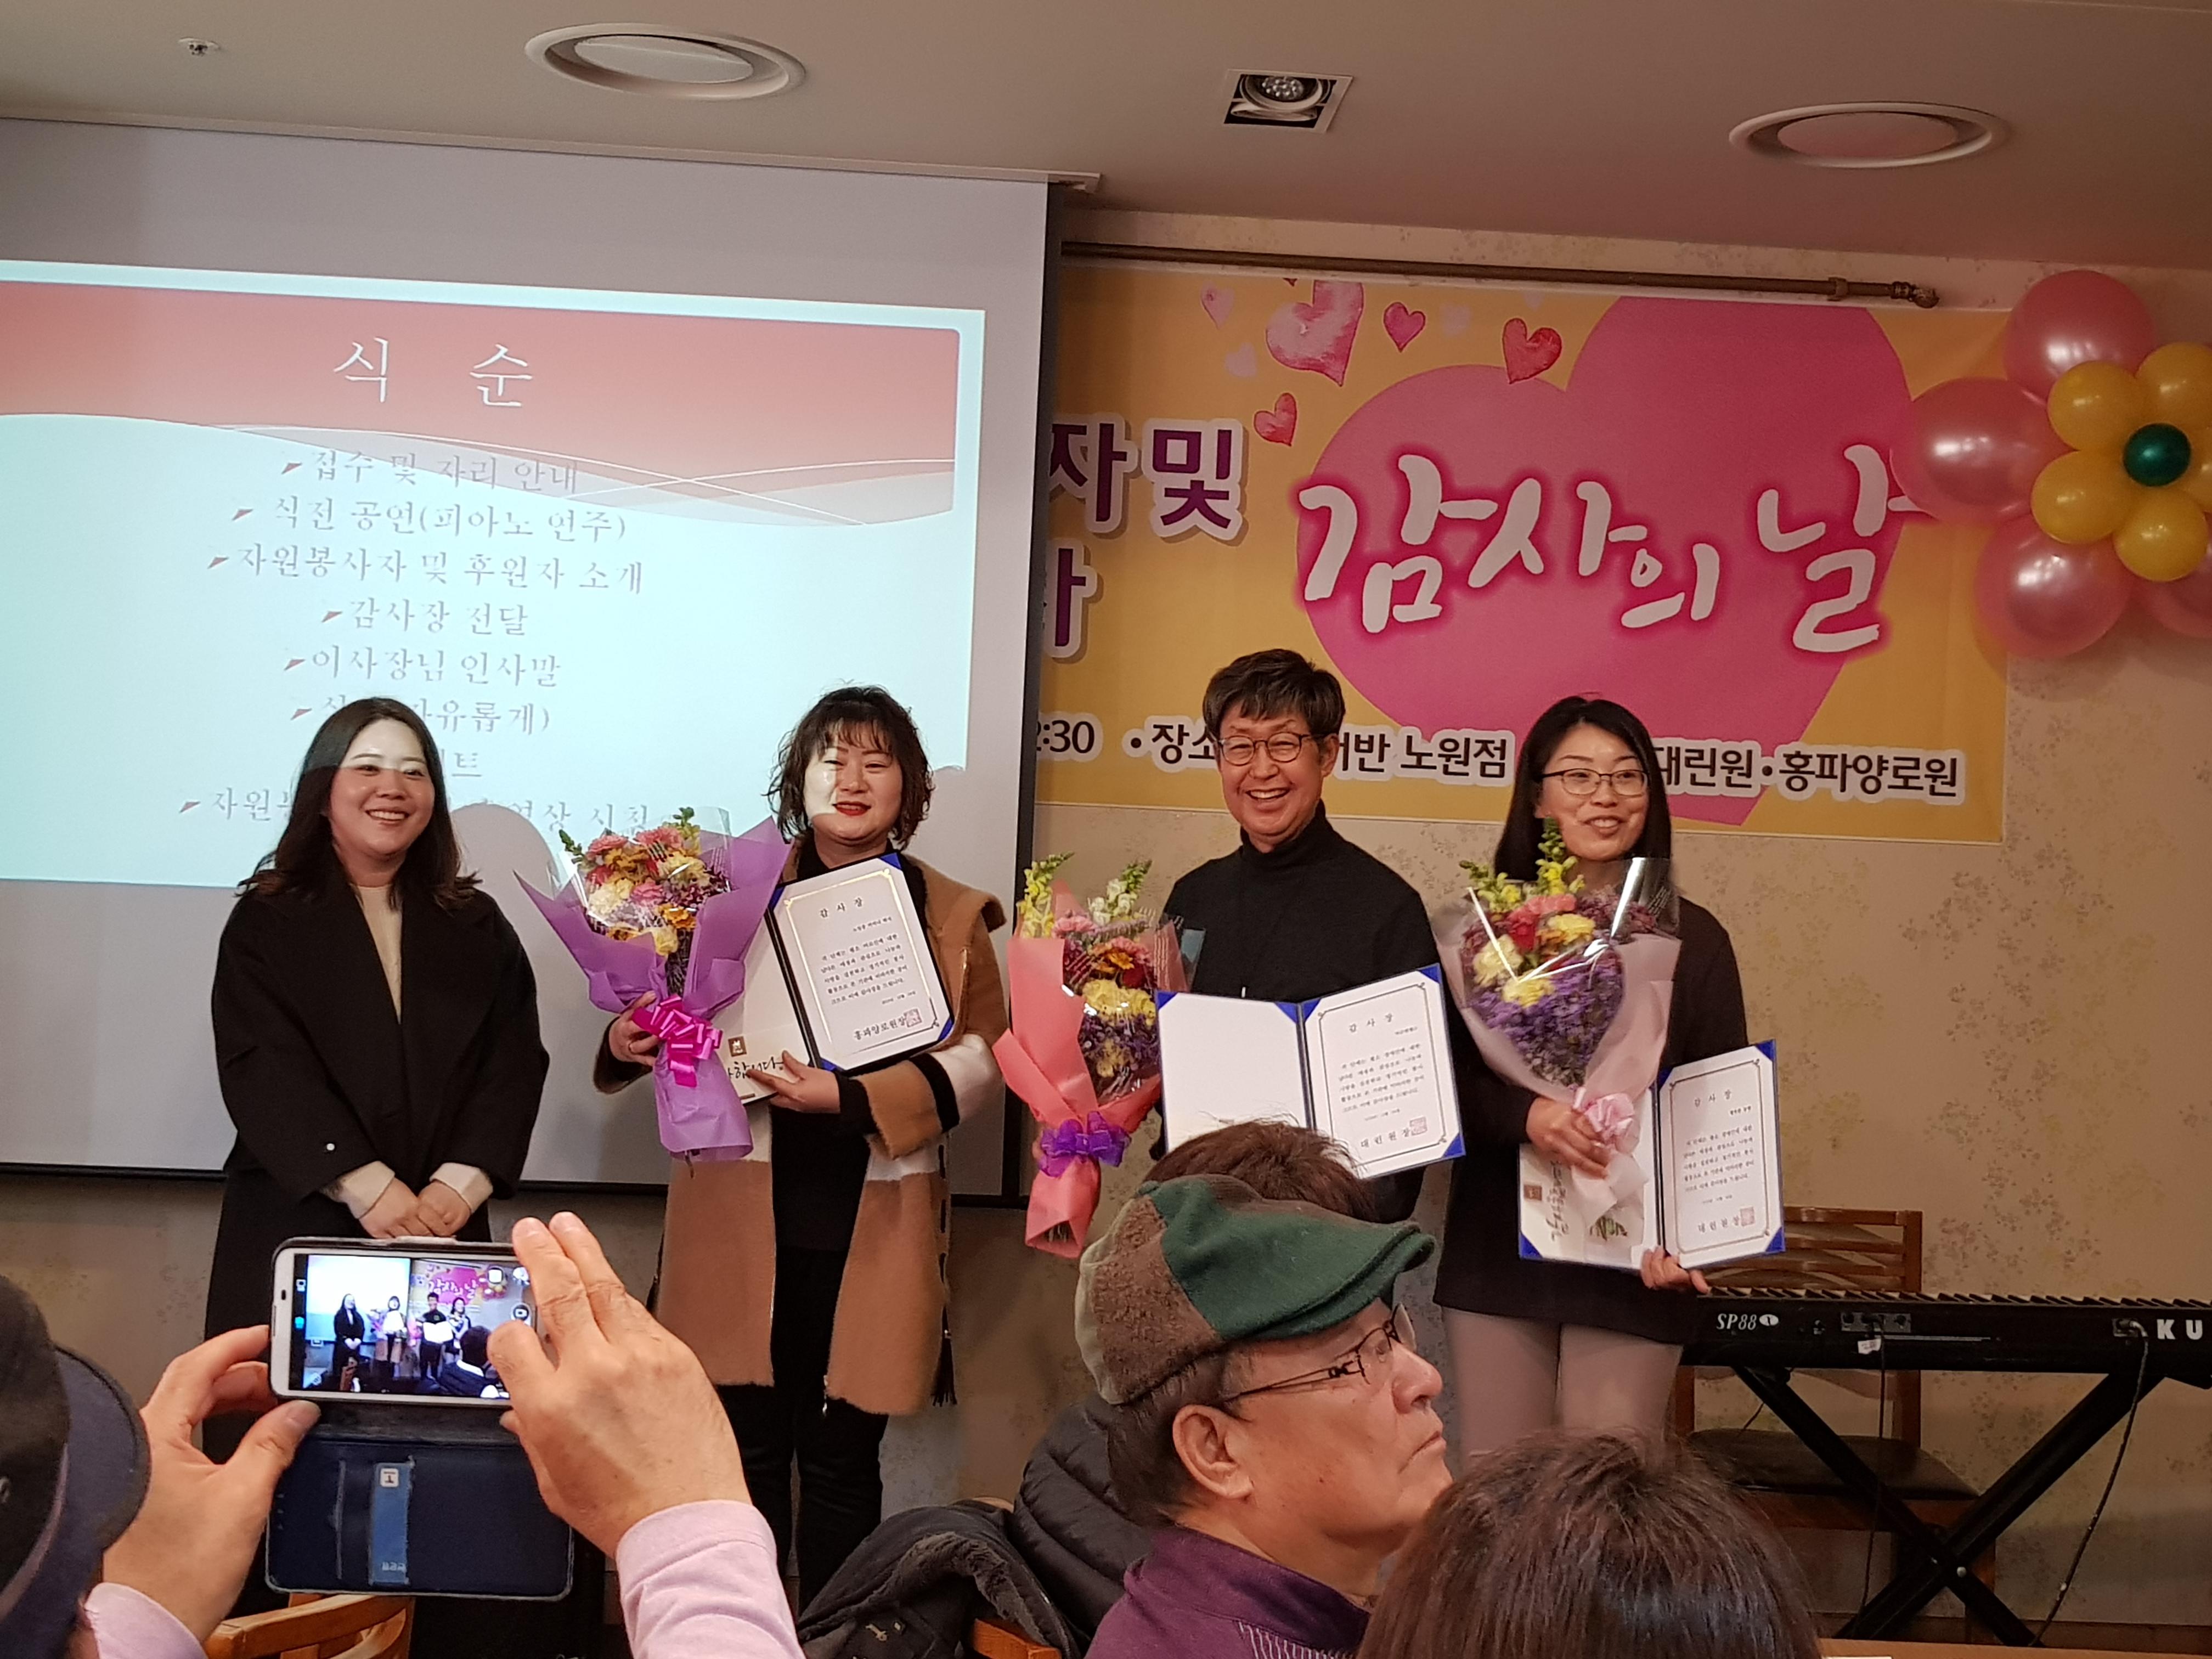 2019년 자원봉사자 및 후원자 감사장 수여